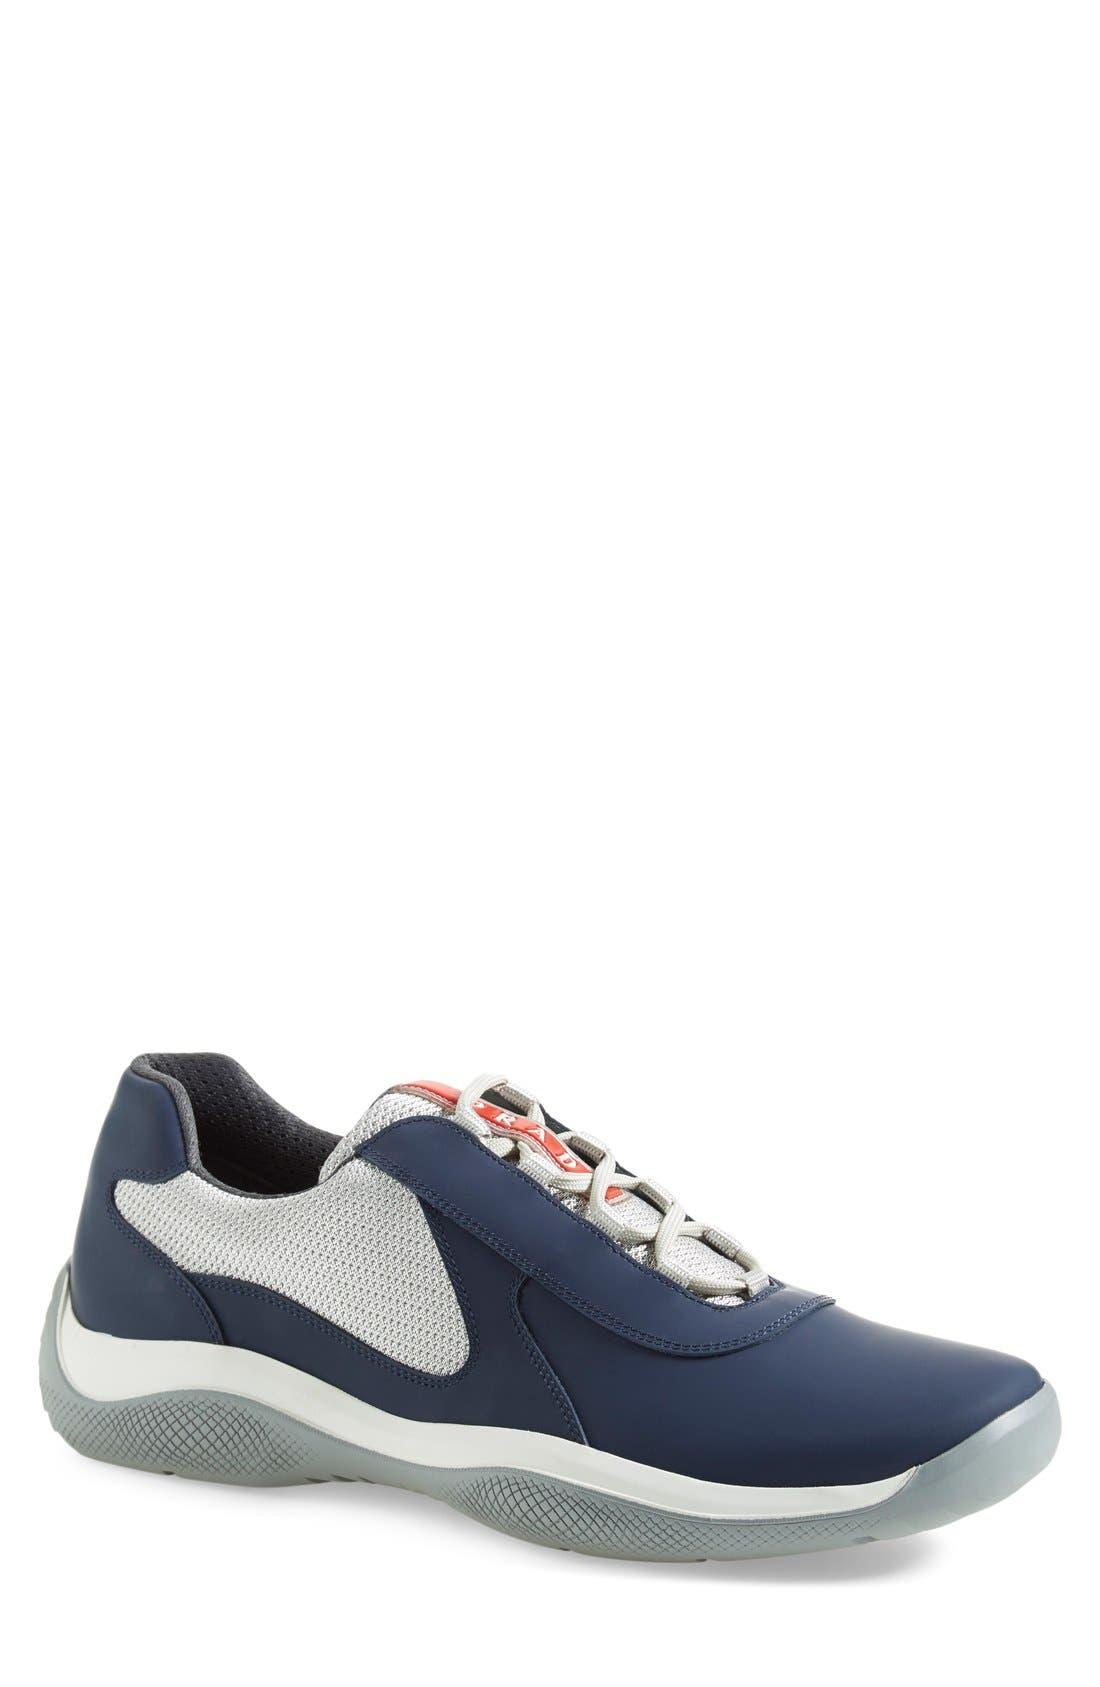 Alternate Image 1 Selected - Prada 'Punta Ala' Sneaker (Men)